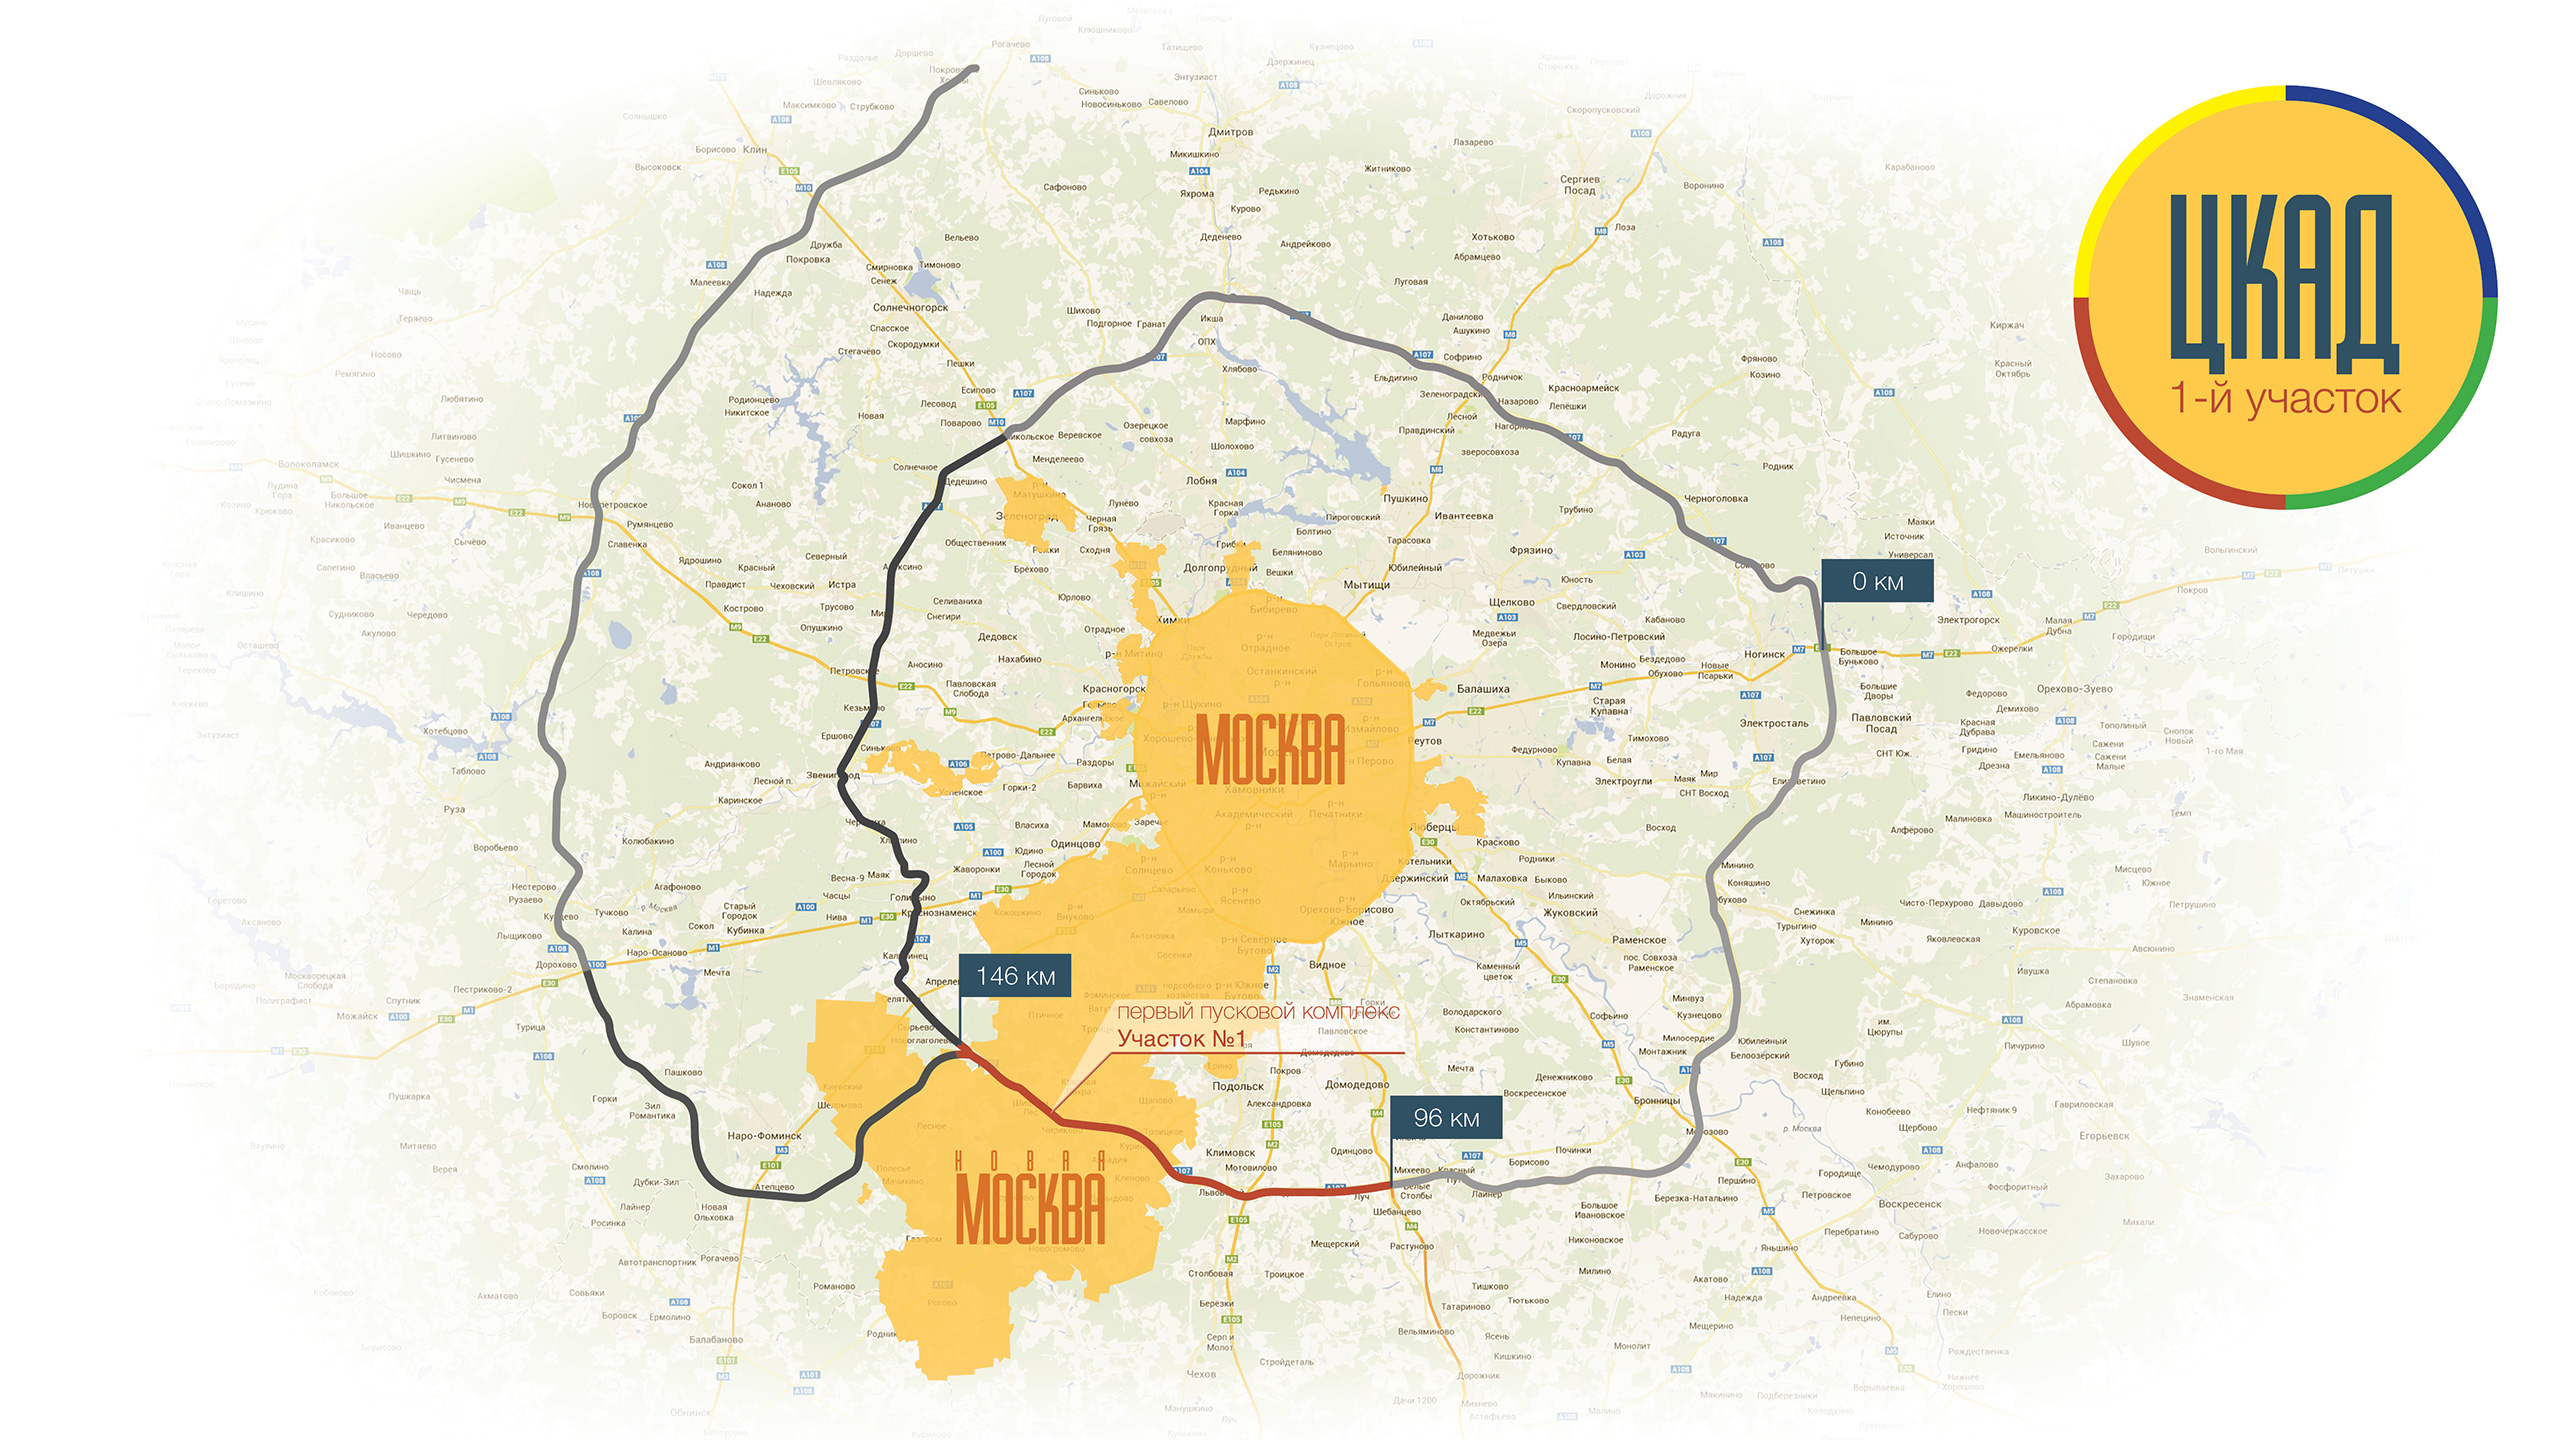 ЦКАД подробная карта 2019 года фото